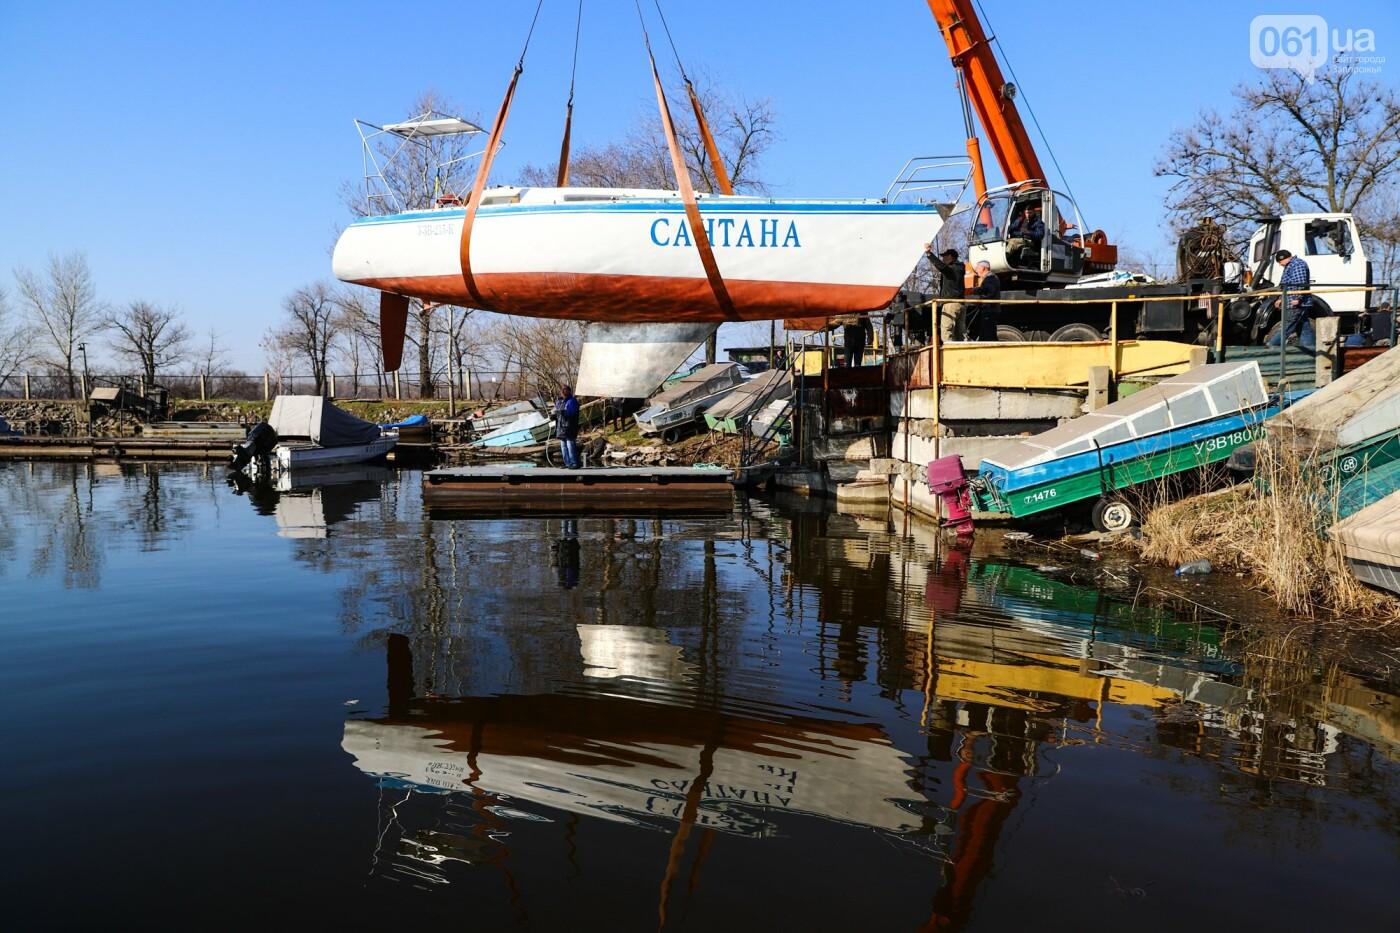 «Семь футов под килем!»: как в запорожском яхт-клубе спускали судна на воду, - ФОТОРЕПОРТАЖ , фото-19